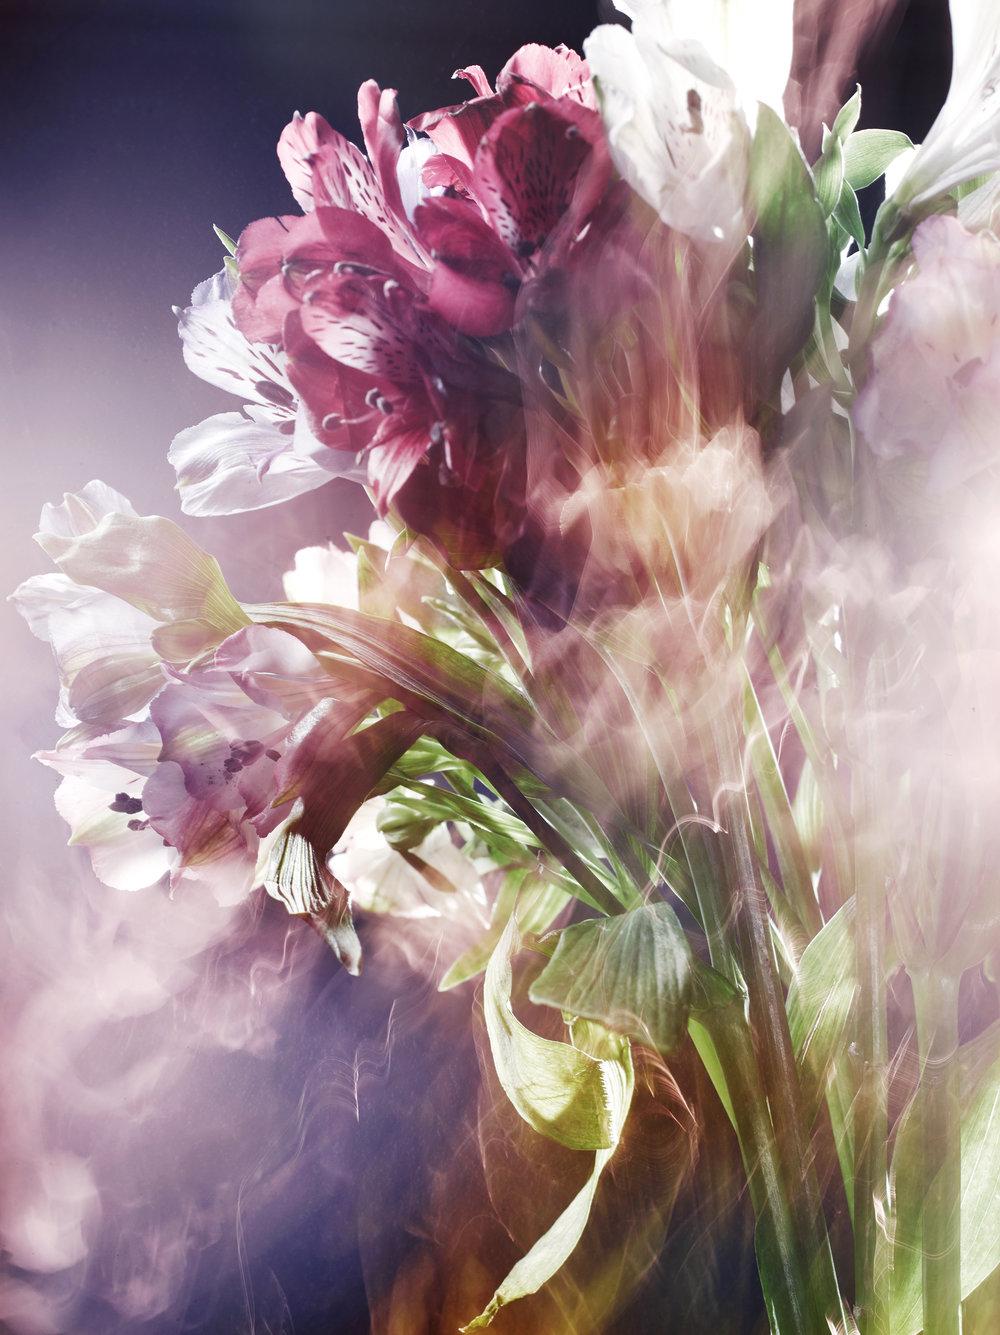 171023_Flowers37180.jpg